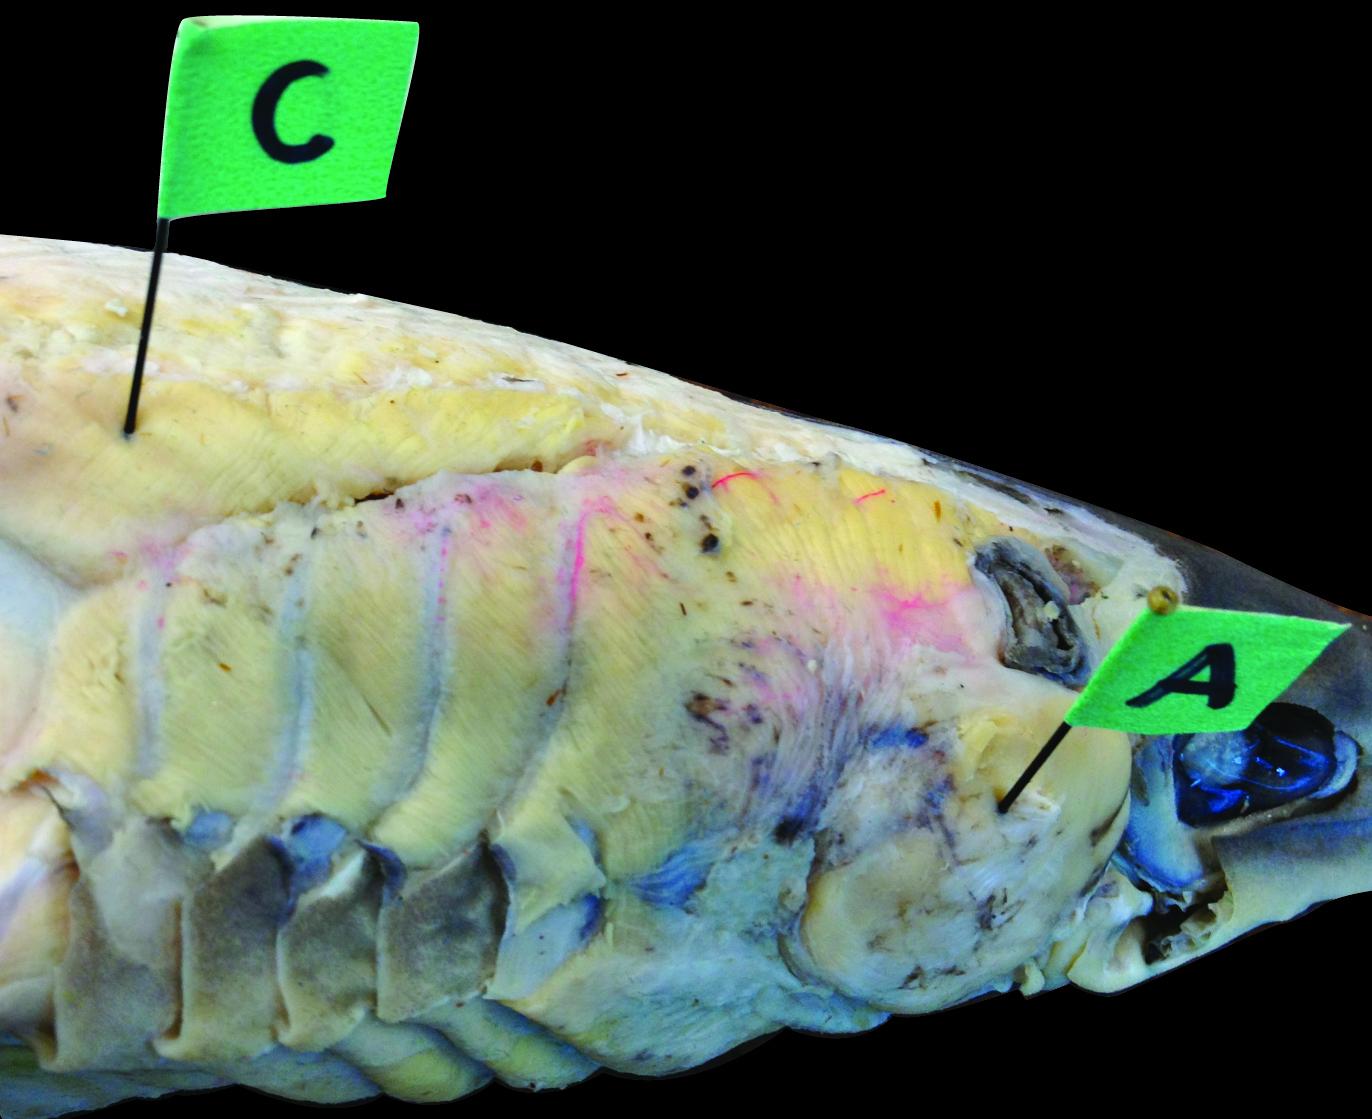 Cucullaris found | Sarah J. Longo